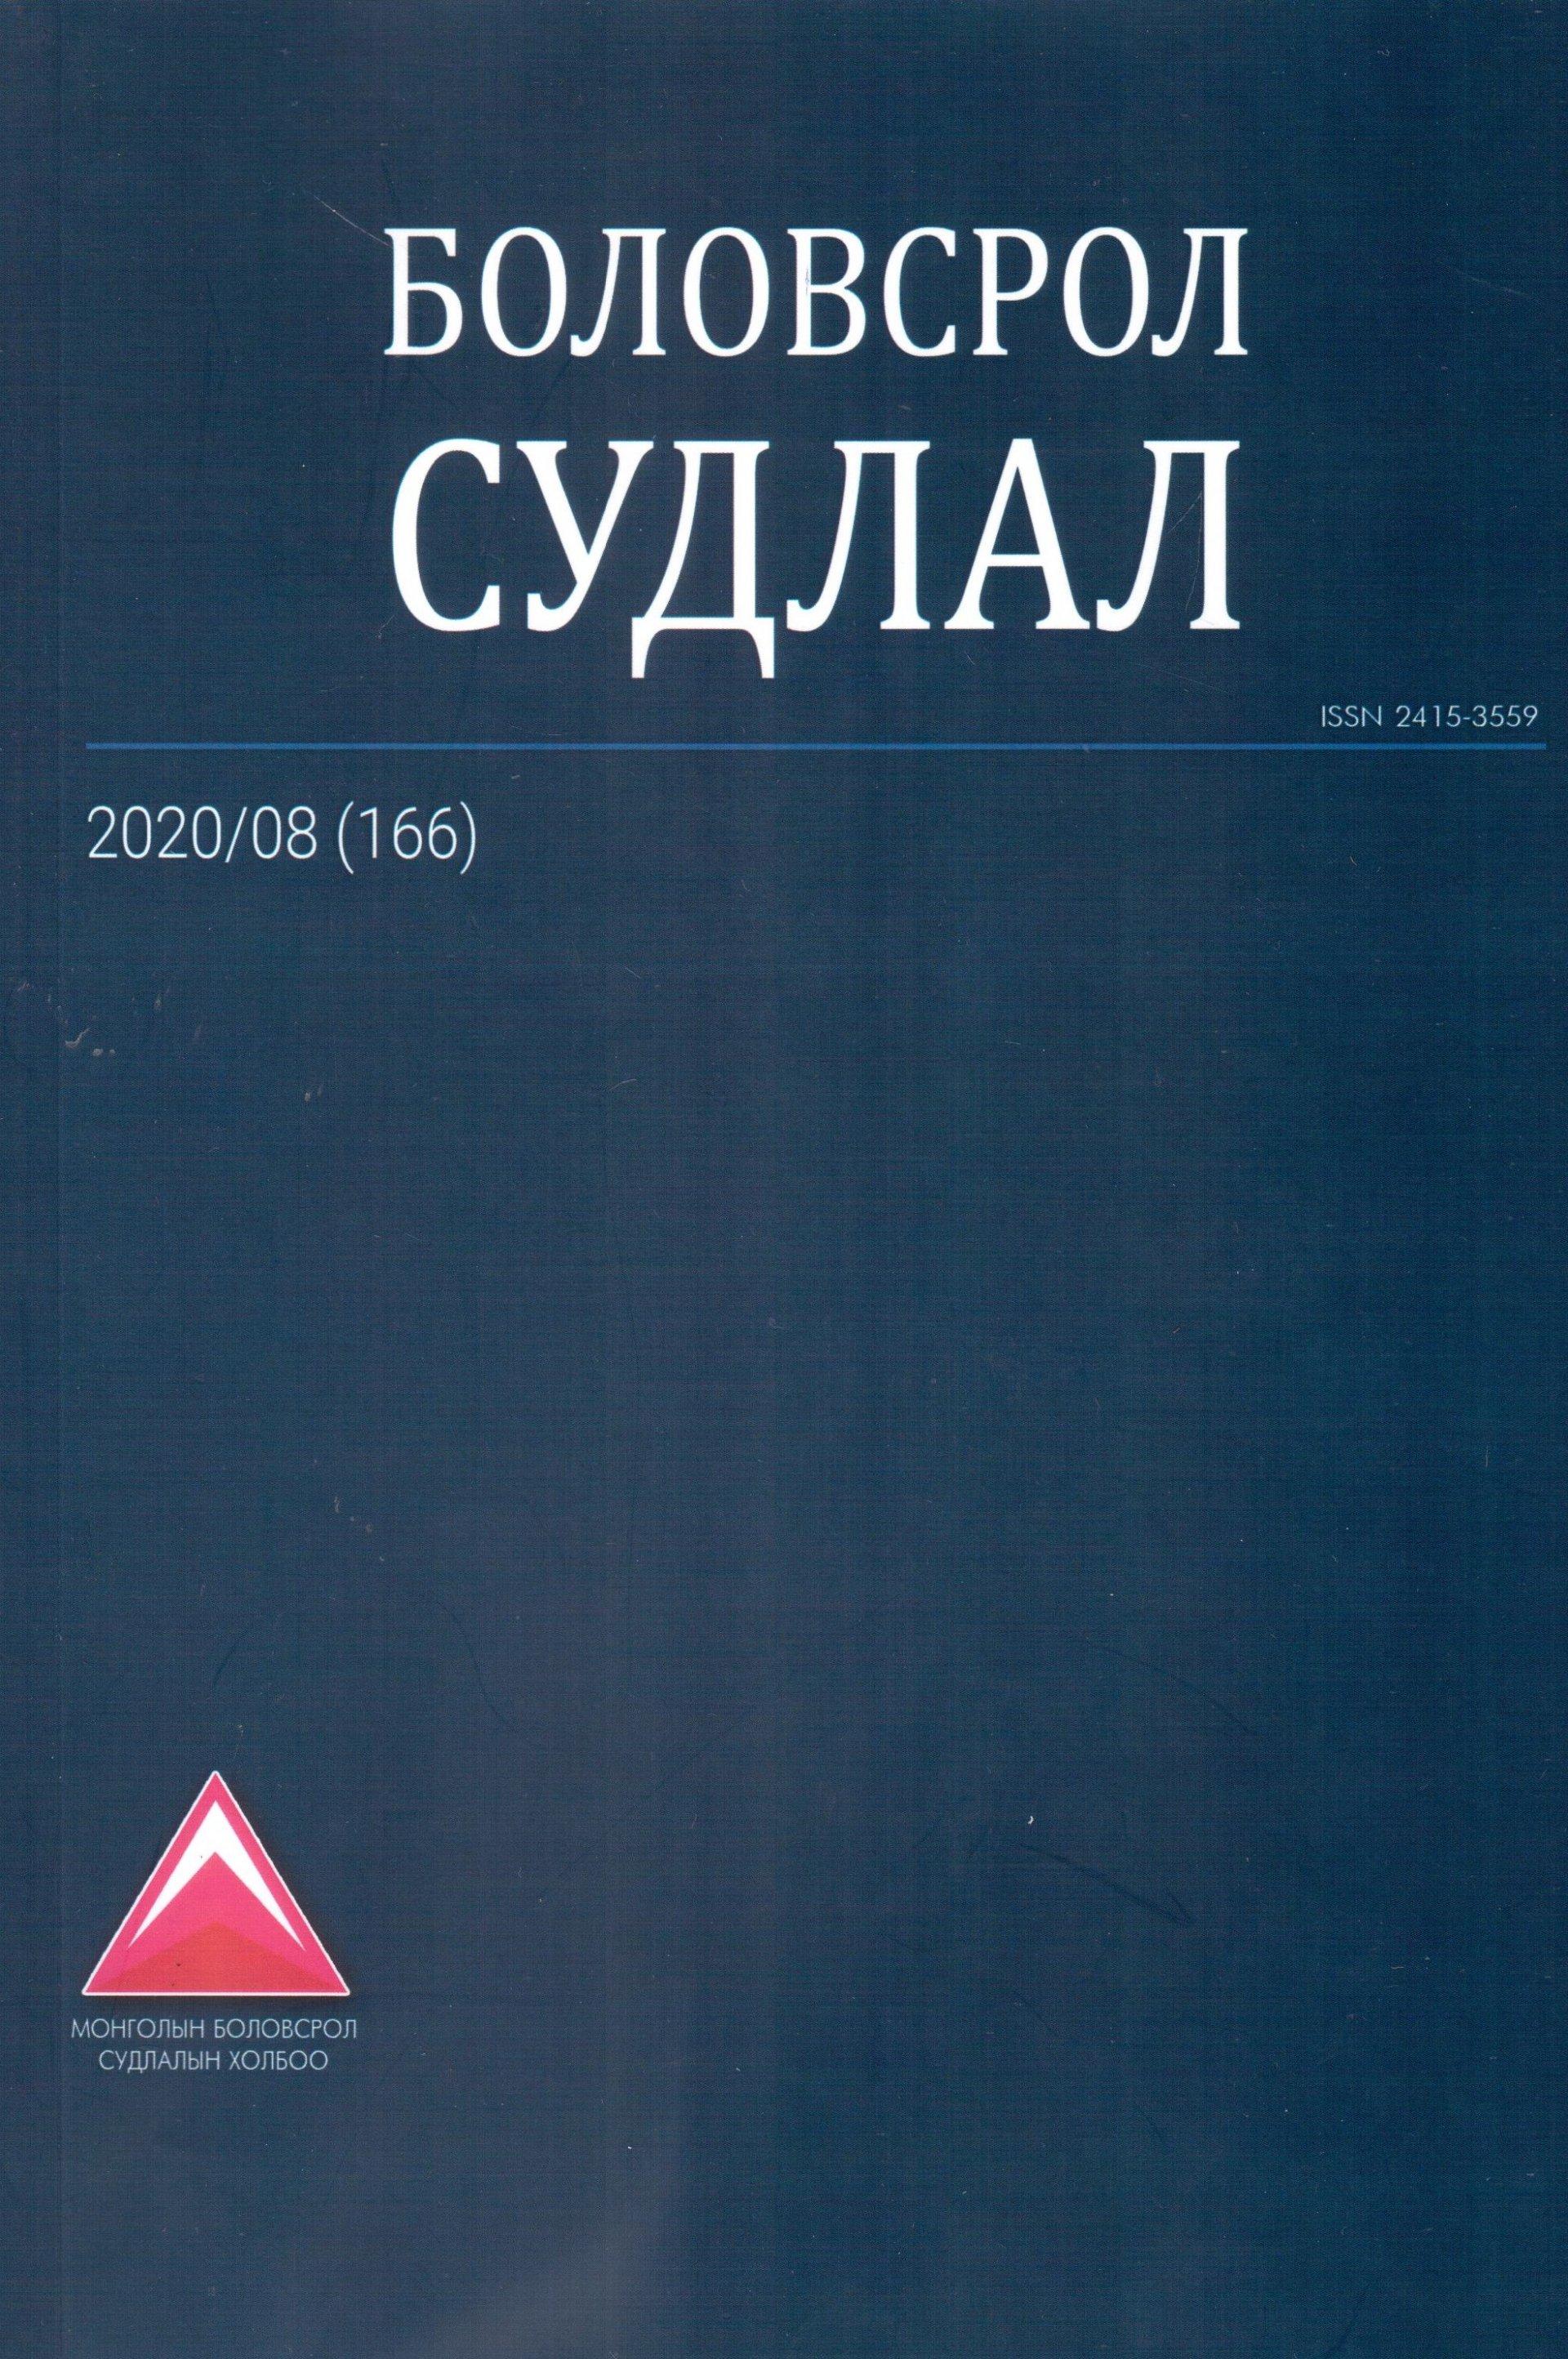 Боловсрол судлал 2020/08 (166)